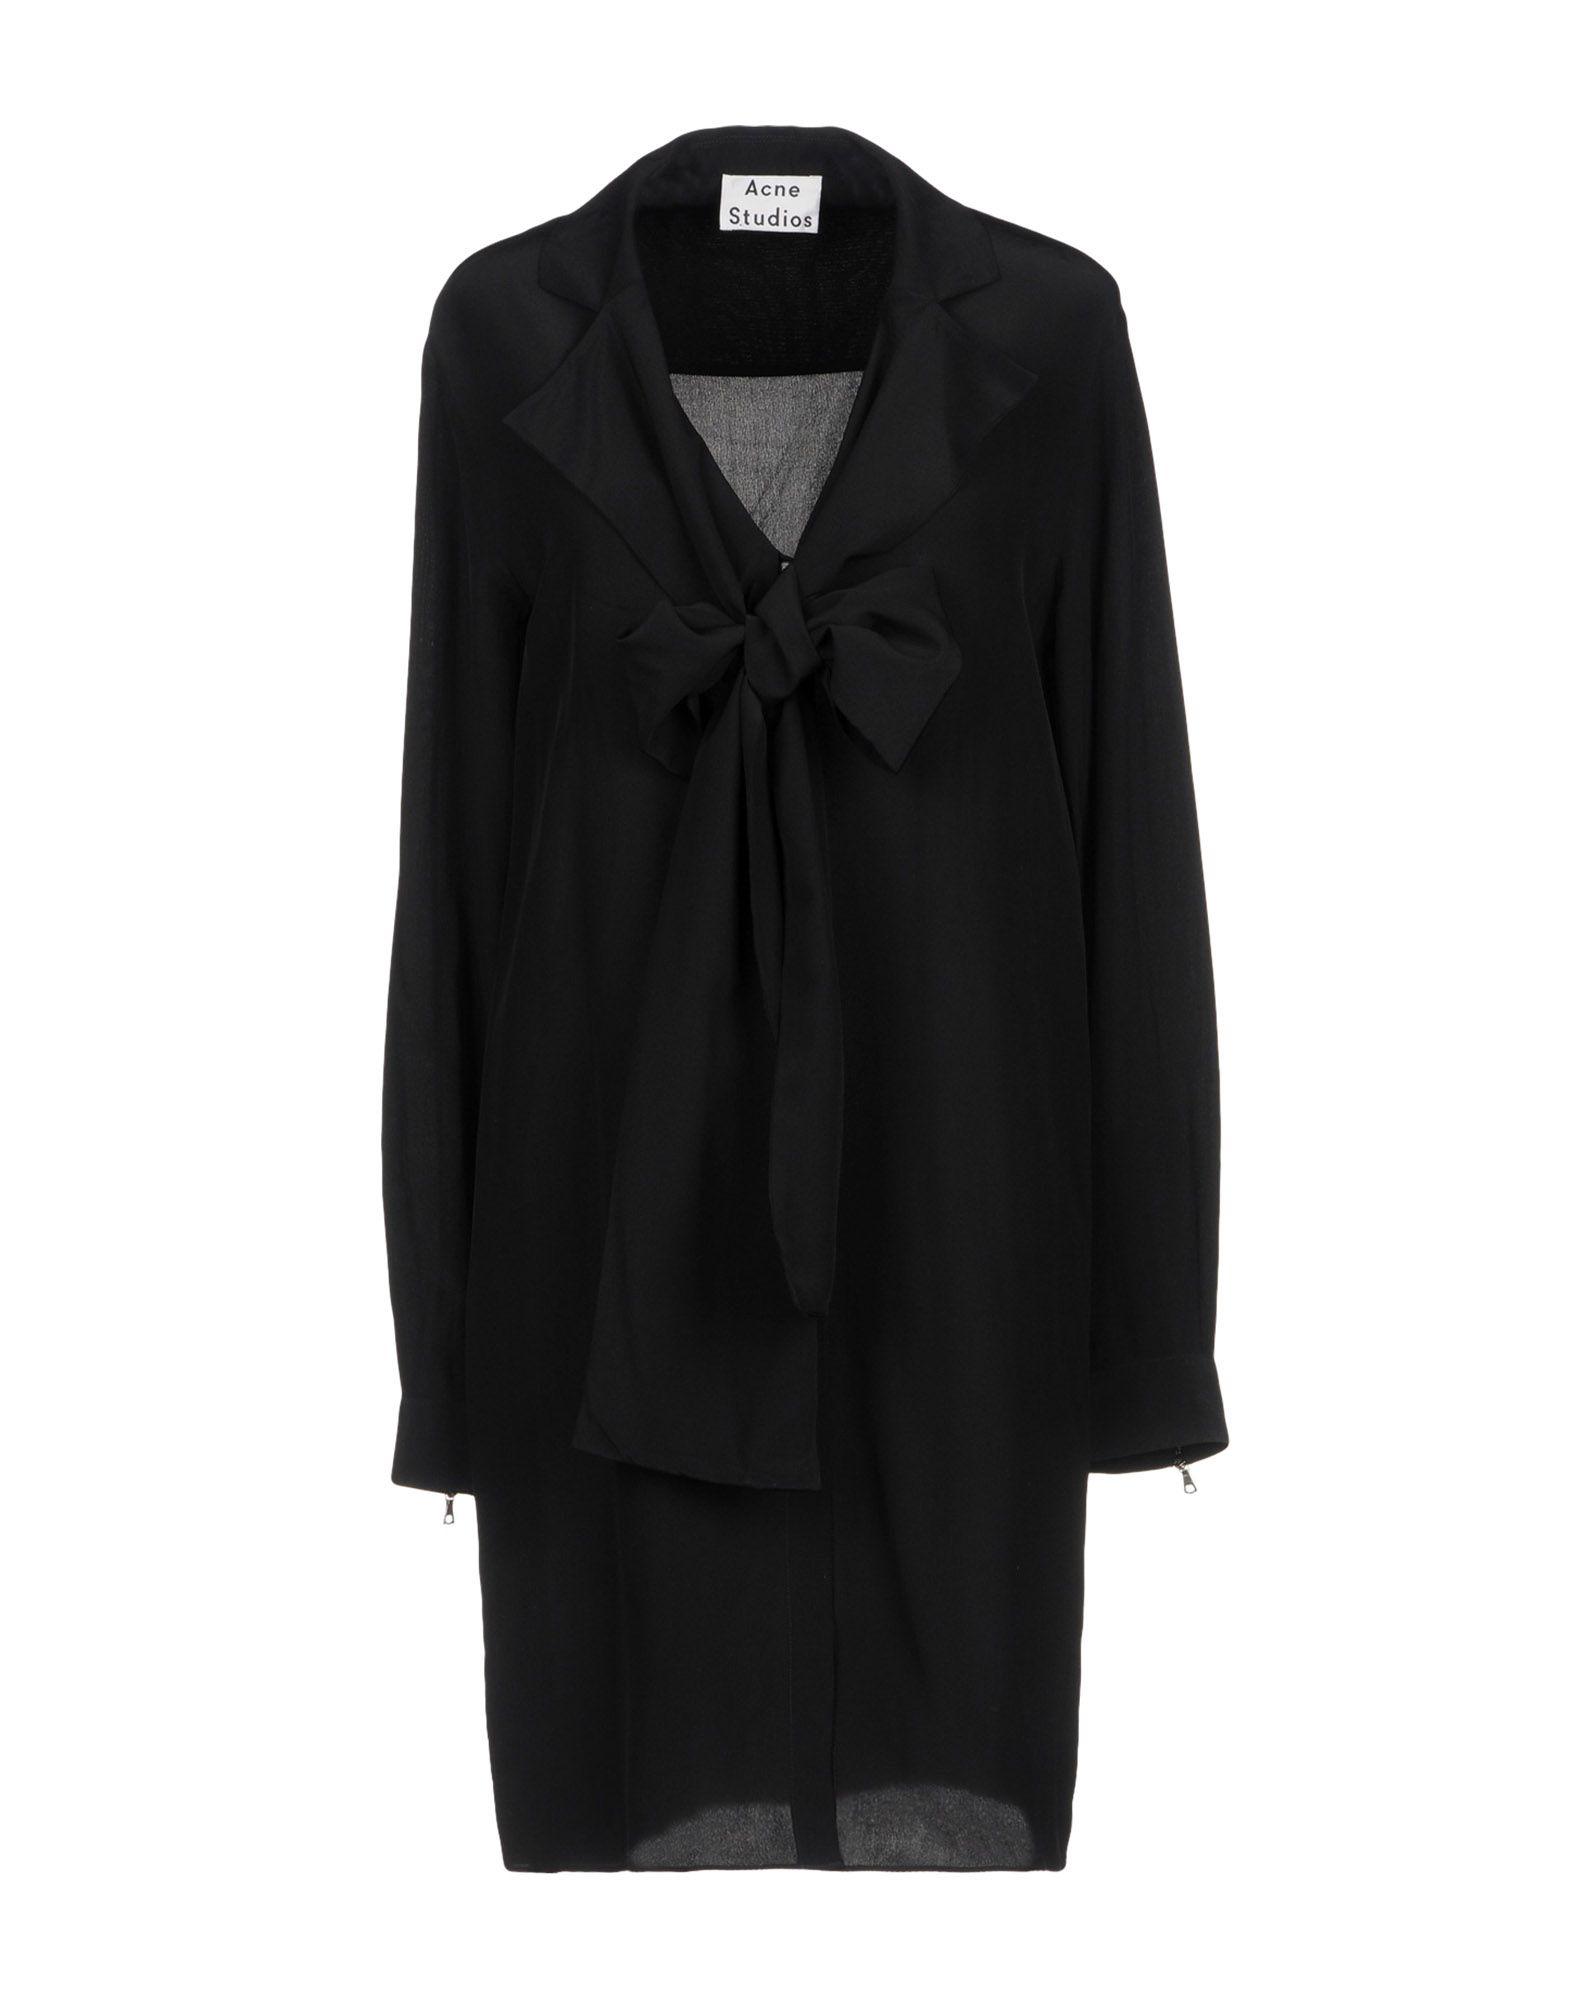 ACNE STUDIOS Короткое платье yuzhe studios черная рубашка с контрастным карманом rushmore